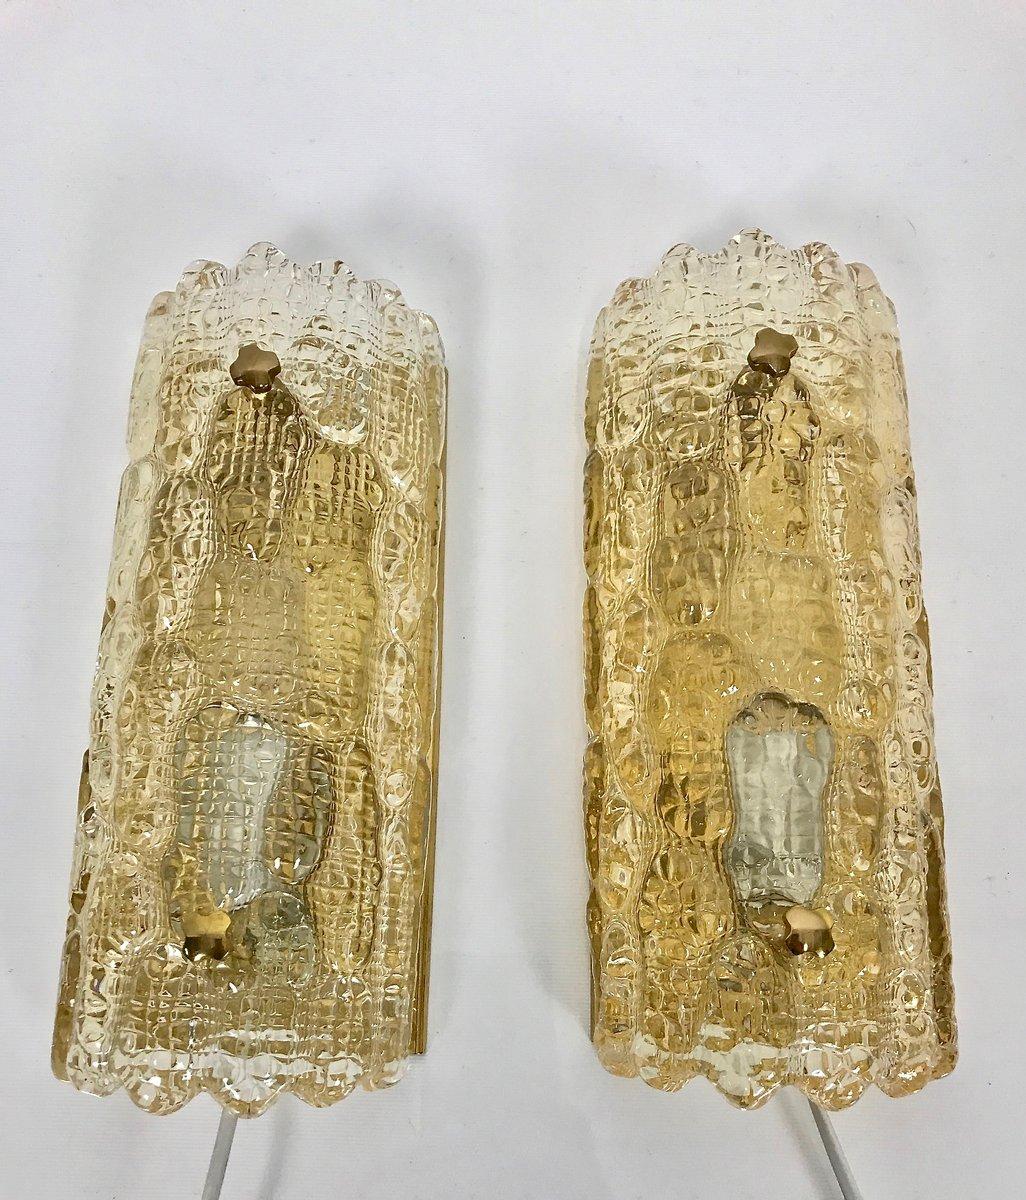 Skandinavische Glas Wandlampen von Carl Fagerlund für Orrefors, 1960er...